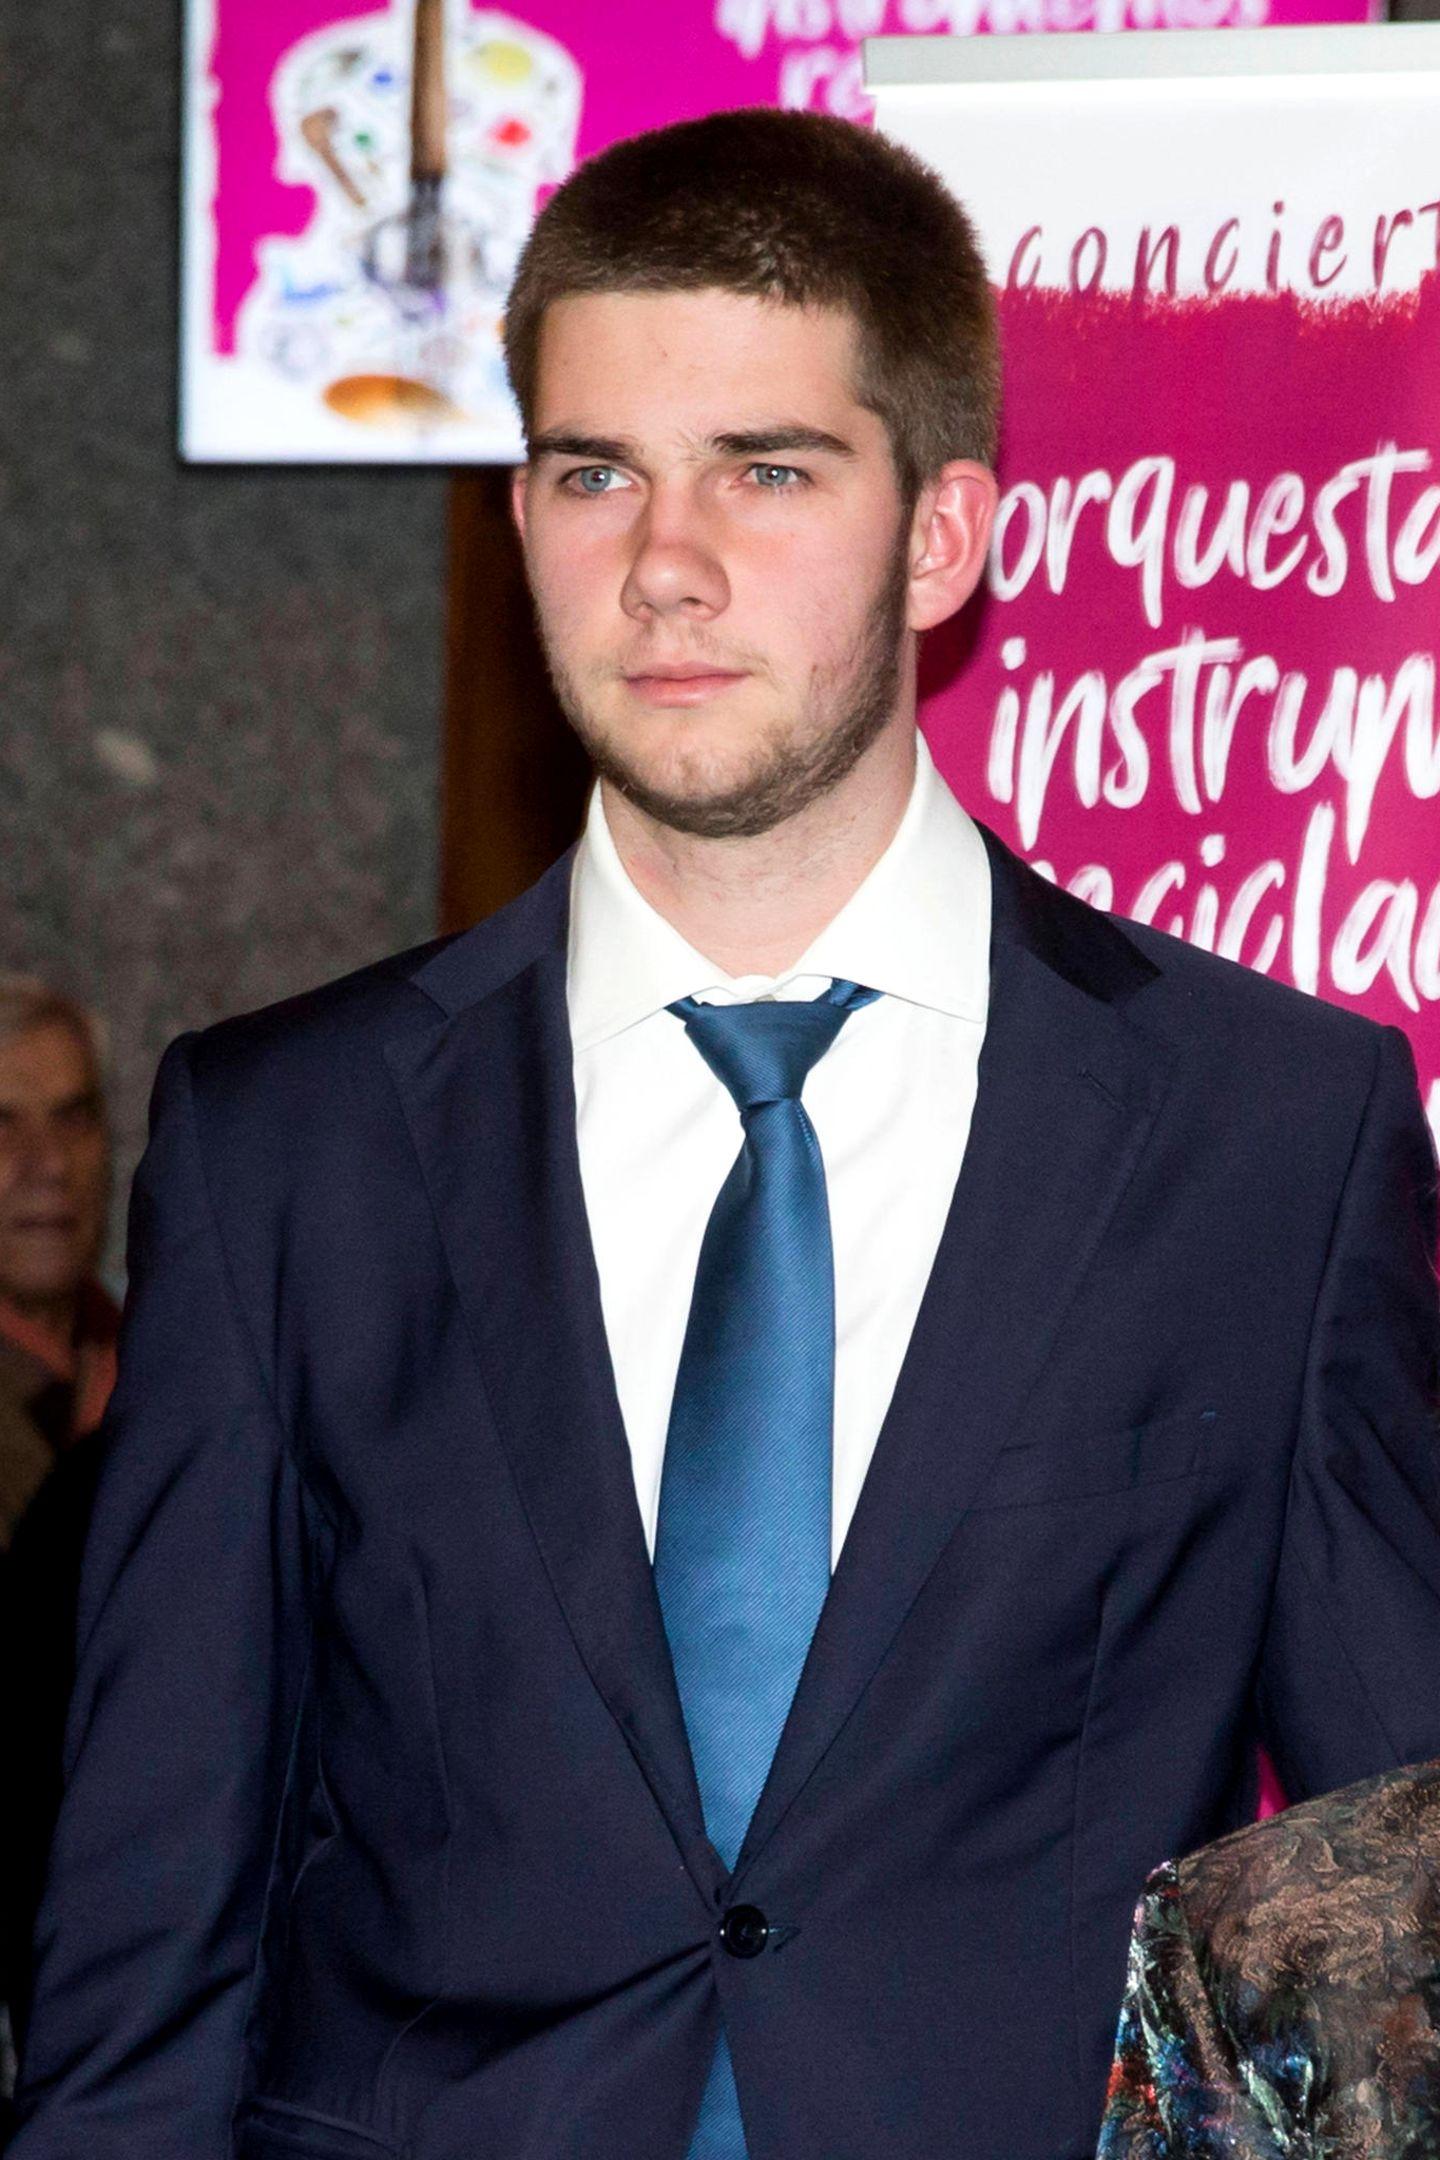 Juan Valentín Urdangarín y de Borbón ist ein Sohn von Cristina von Spanien und mit seinen 19 Jahren noch solo.